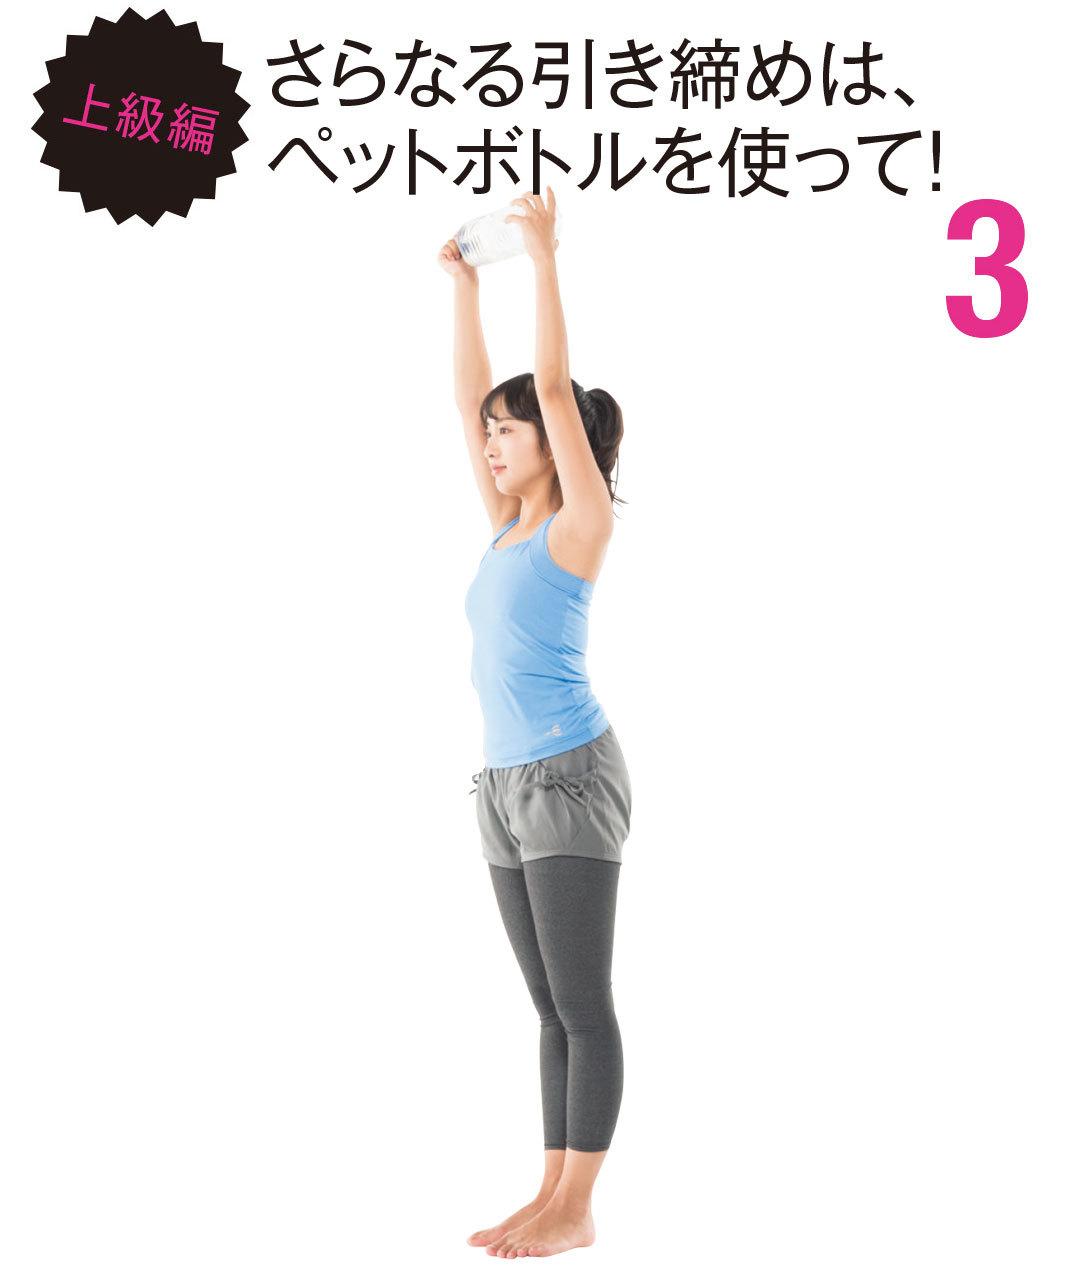 太もも痩せしたい! 1畳スペースでできる簡単筋トレをAYAさんが伝授♡ _1_2-9